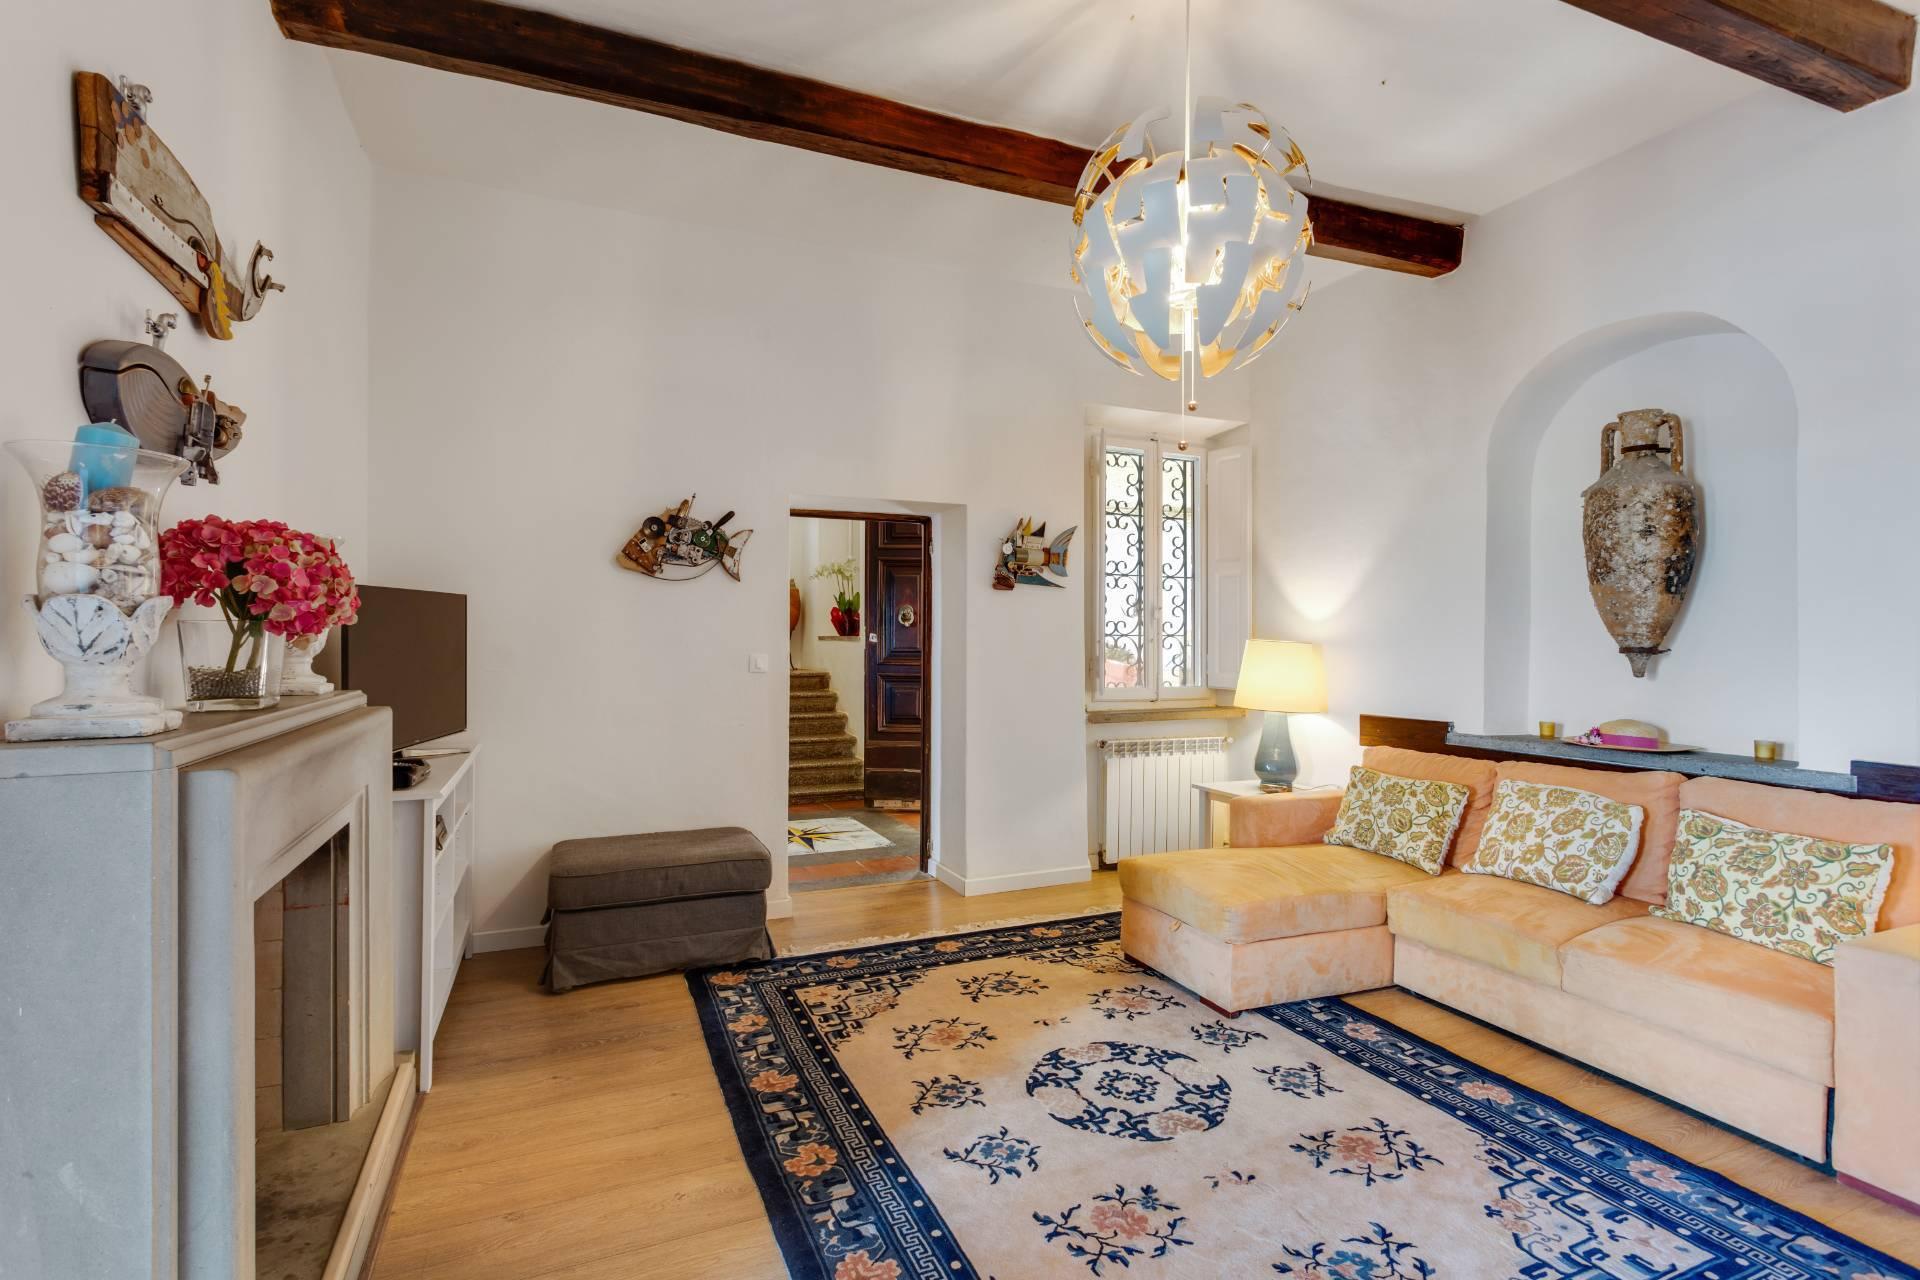 Casa indipendente in Vendita a Monte Argentario: 5 locali, 300 mq - Foto 22